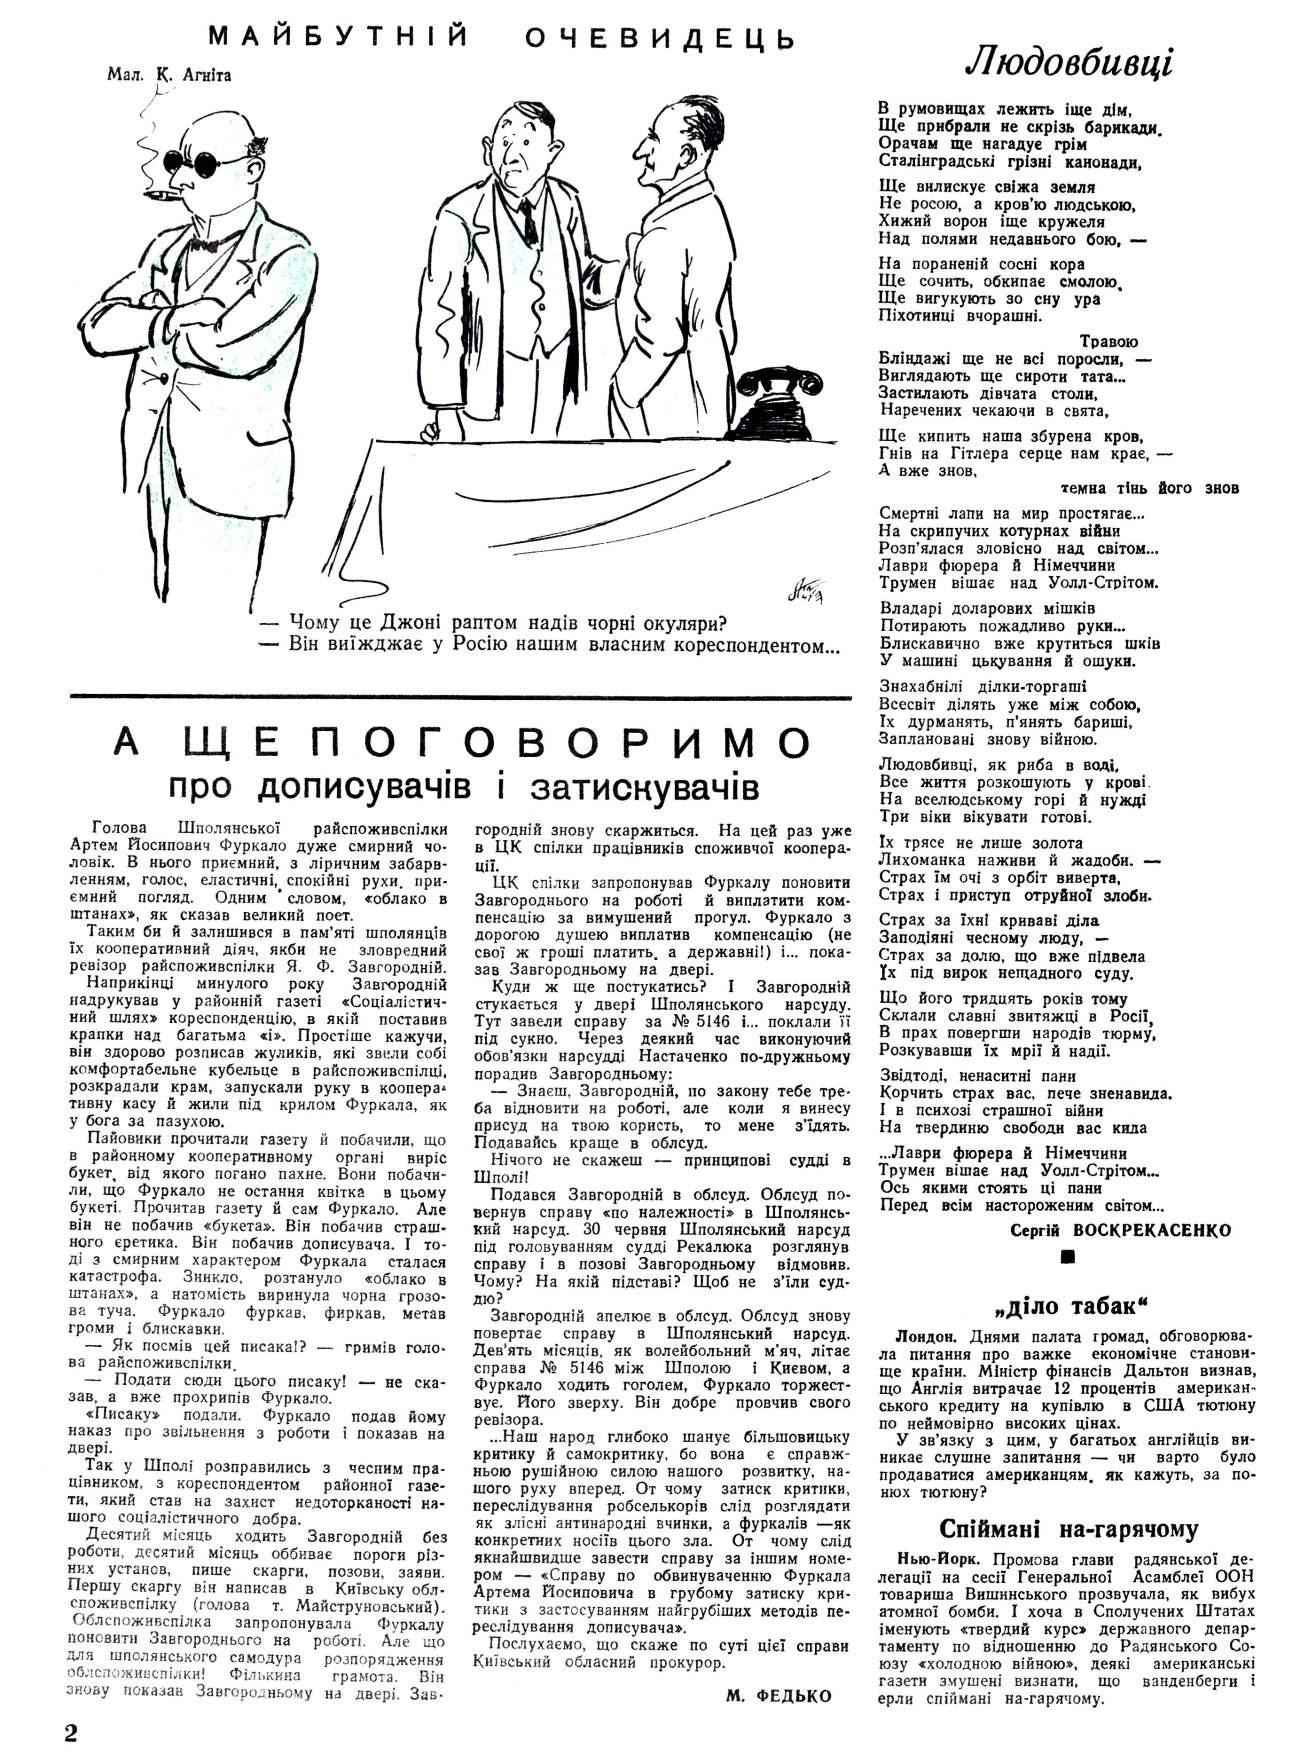 Журнал перець 1947 №19